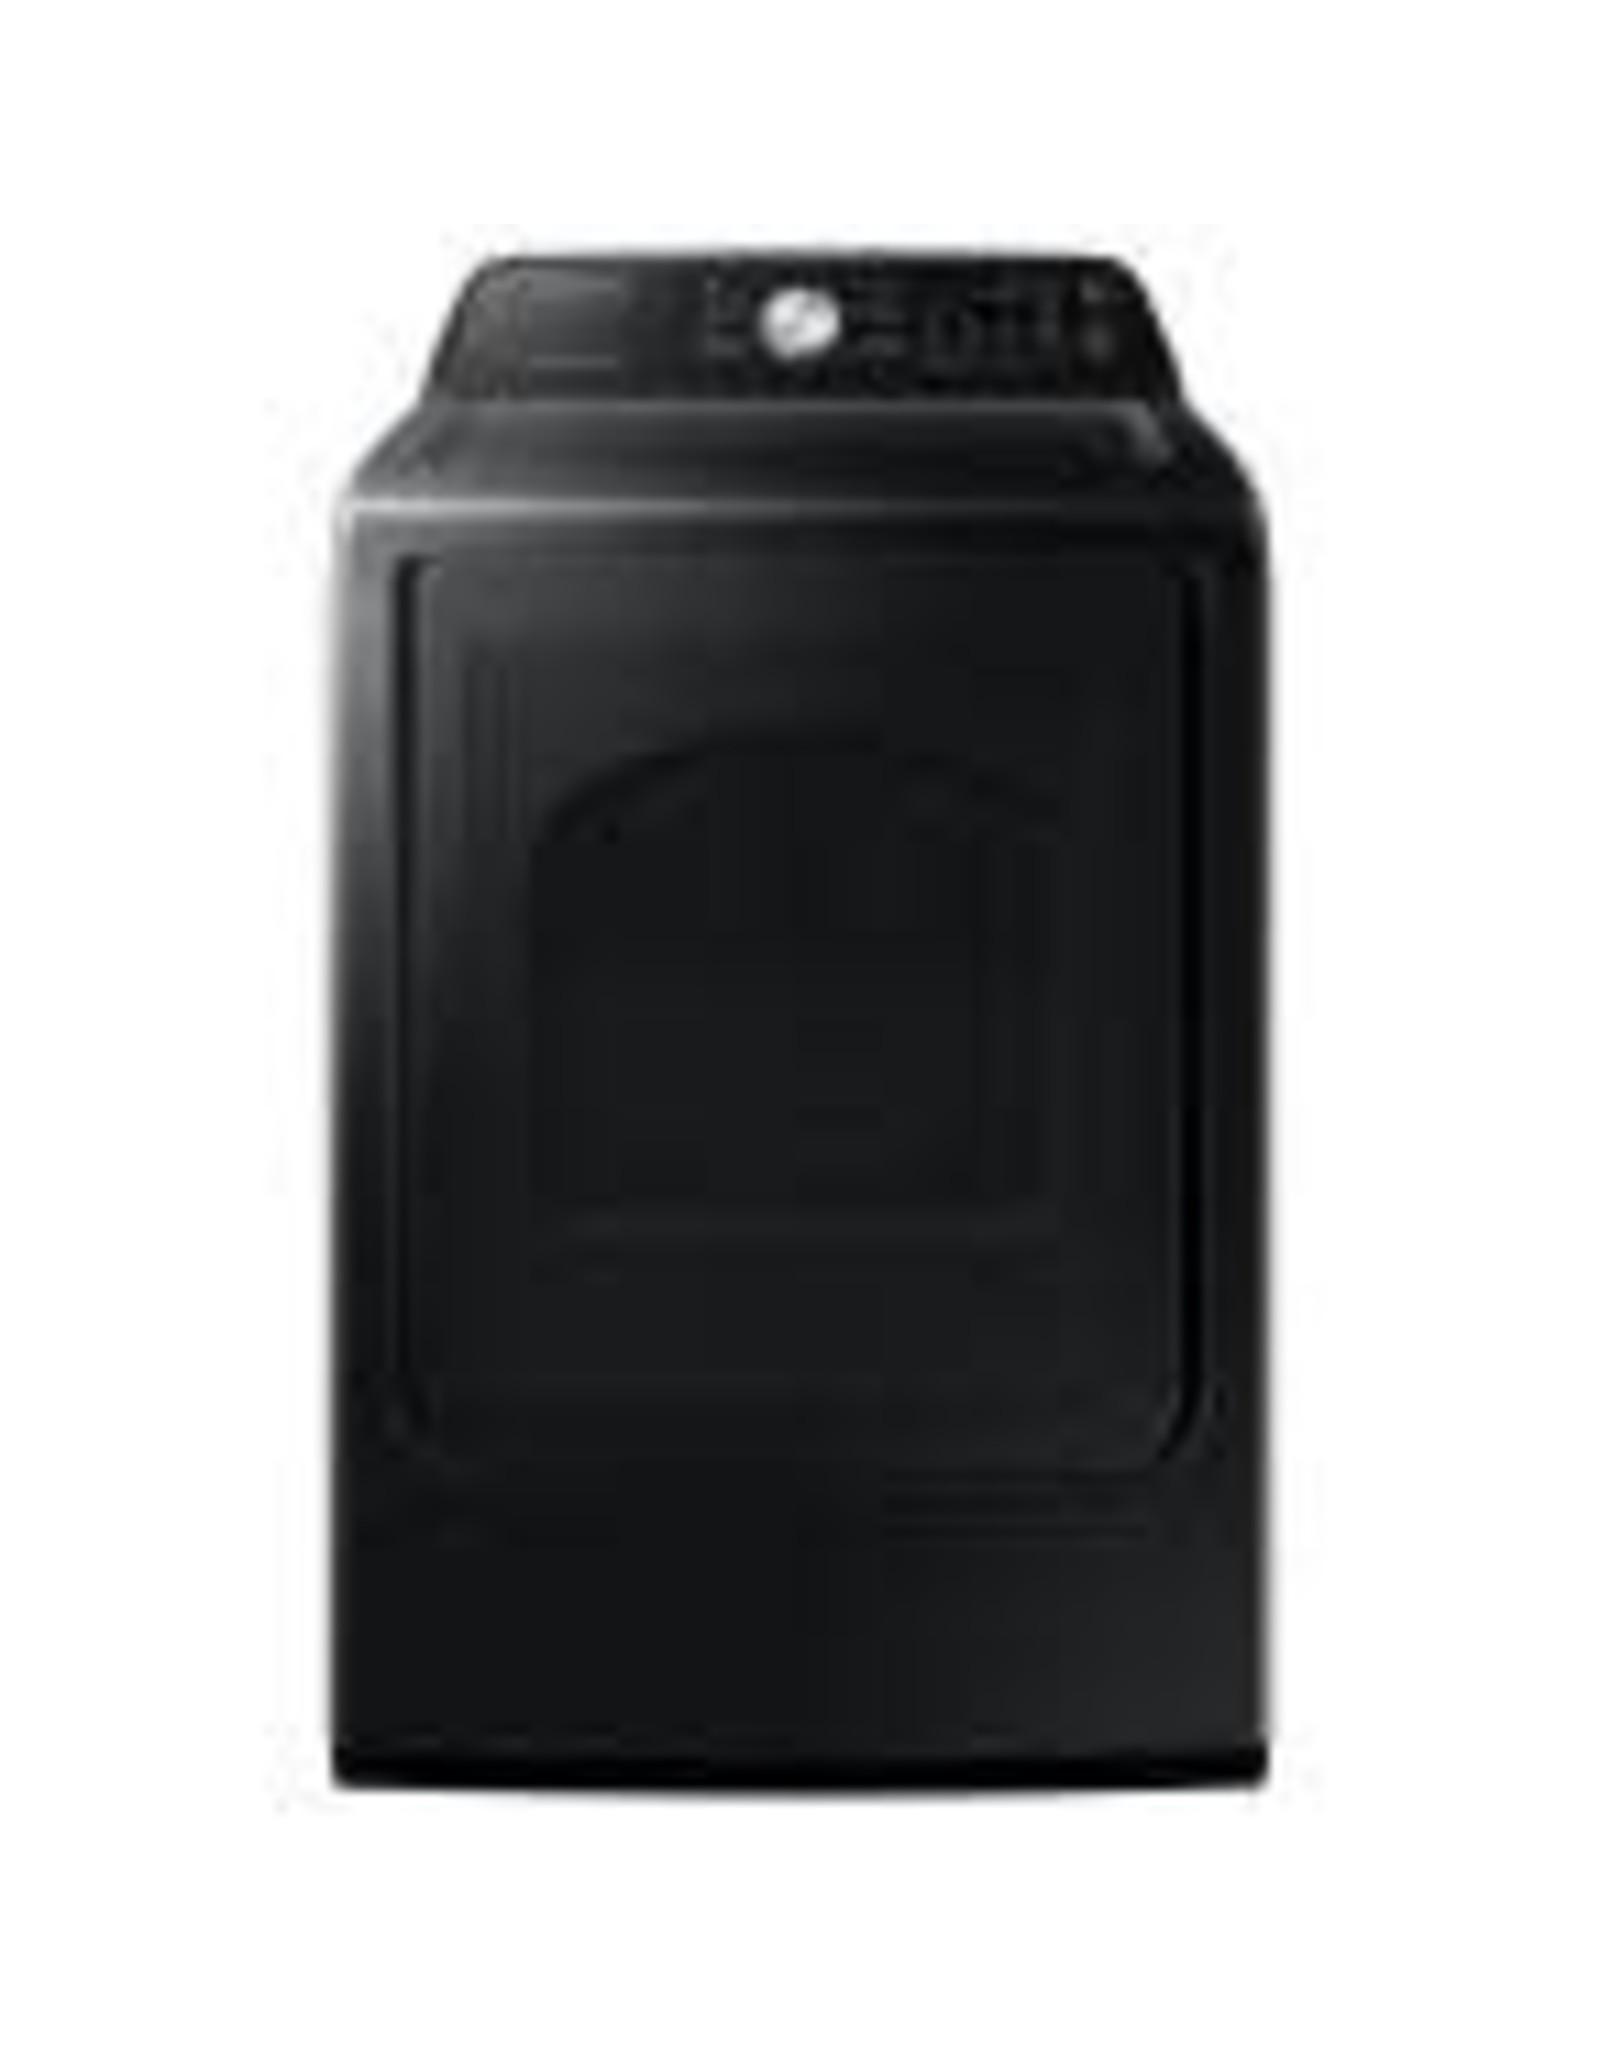 SAMSUNG DVE45T3400V 7.4 cu. ft. 240-Volt Black Stainless Steel Electric Dryer with Sanitize